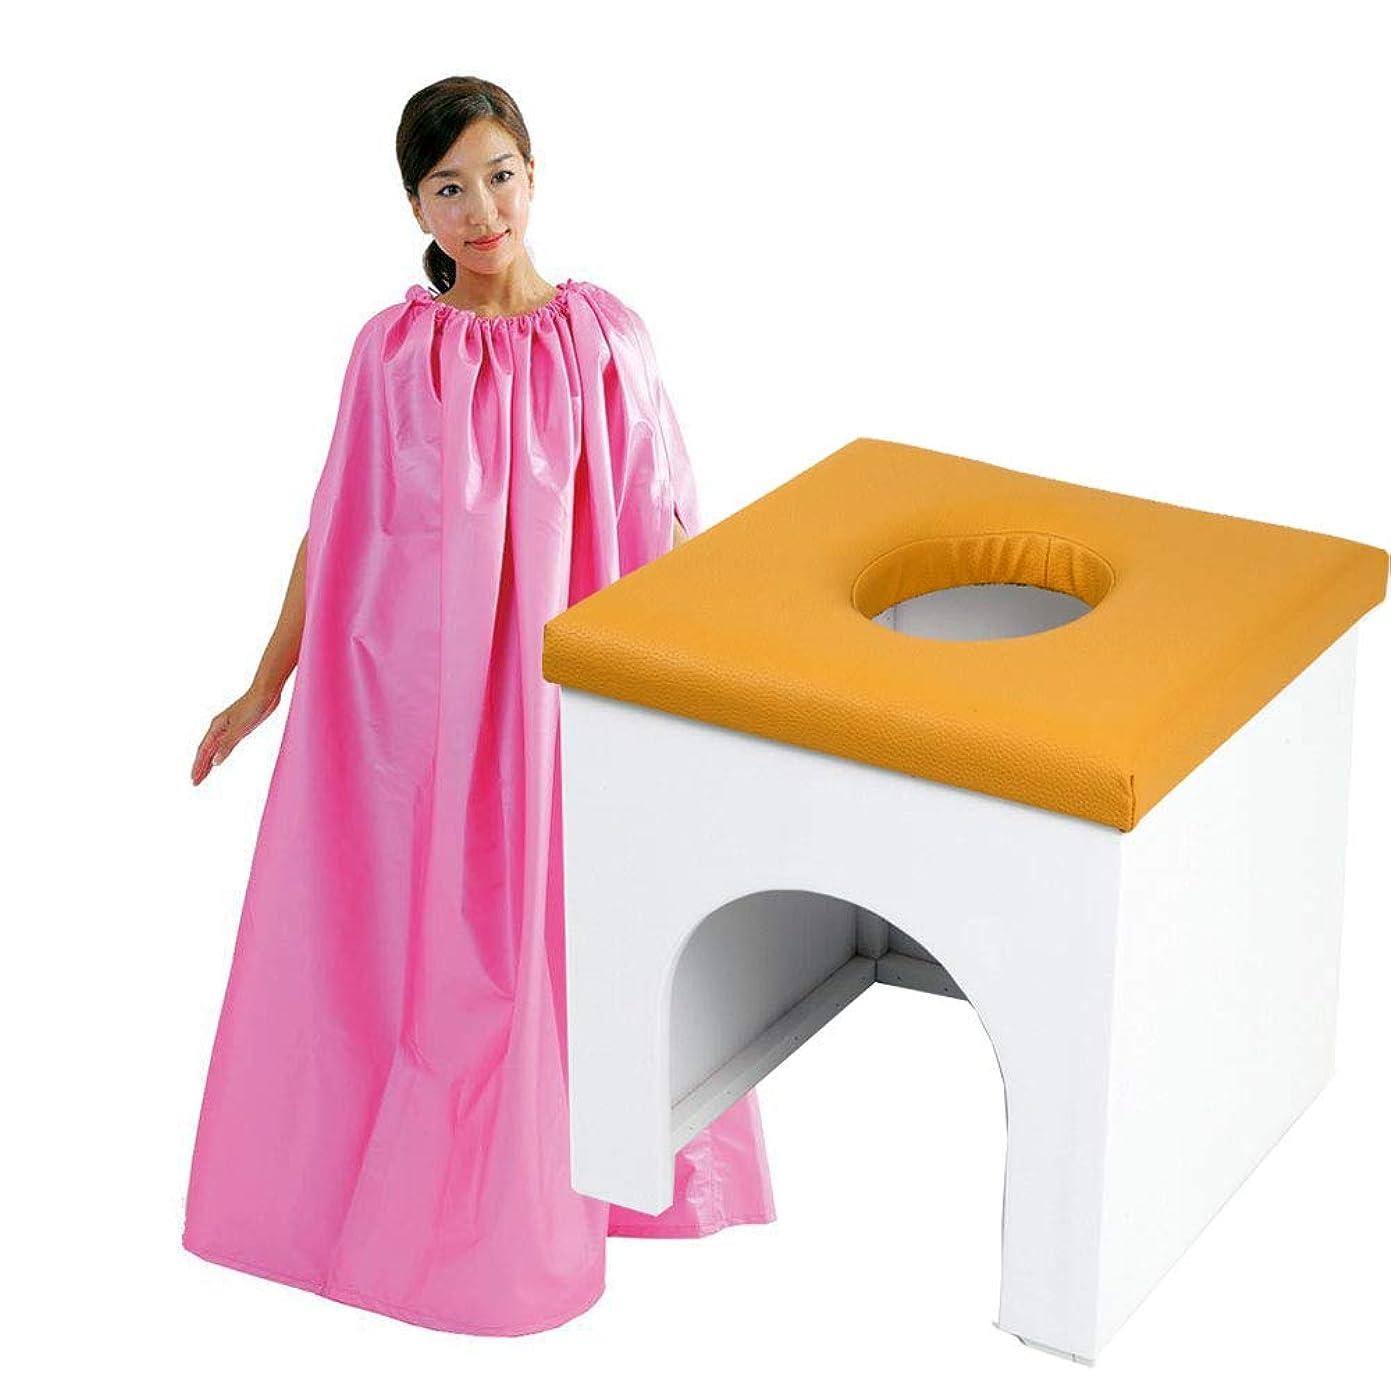 ユニークな移植ケージ【WM】まる温よもぎ蒸し【白椅子(マスタードシート)セット】専用マント?薬草60回分?電気鍋【期待通りの満足感をお届けします!】/爽やかなホワイトカラーで、人体に無害な塗装仕上げで通常の椅子より長持ちします (ピンク)